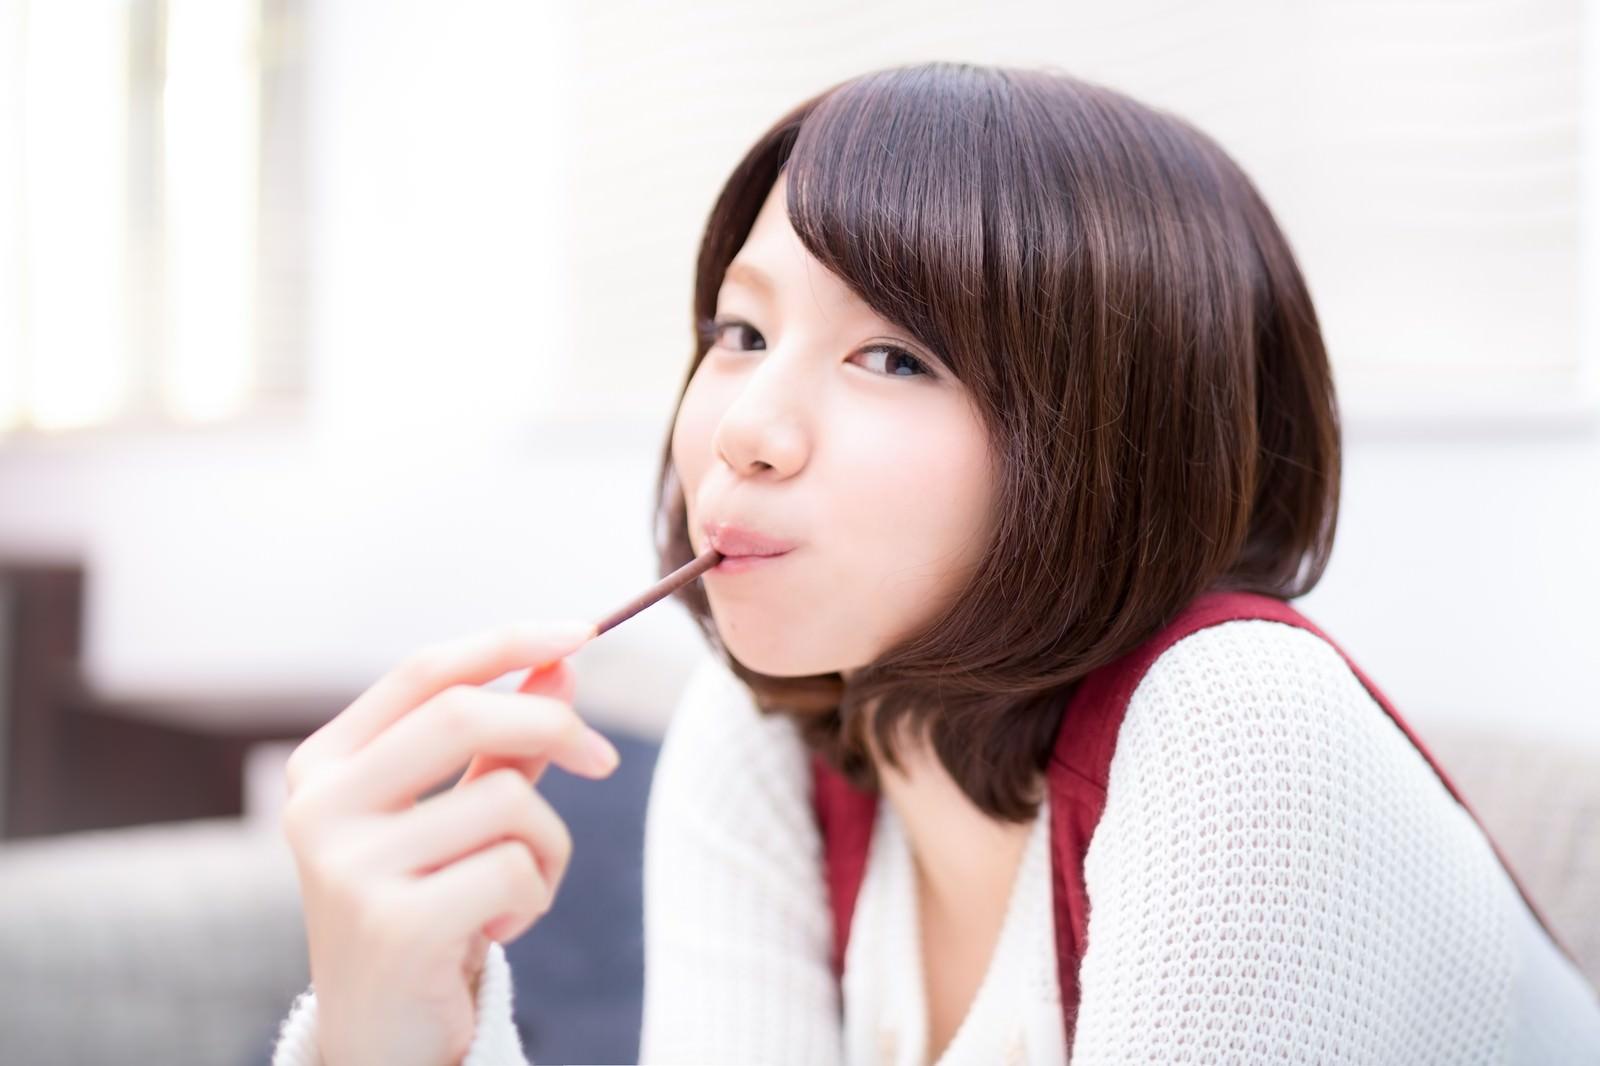 「大好きなおやつを食べる美少女大好きなおやつを食べる美少女」[モデル:みき。]のフリー写真素材を拡大